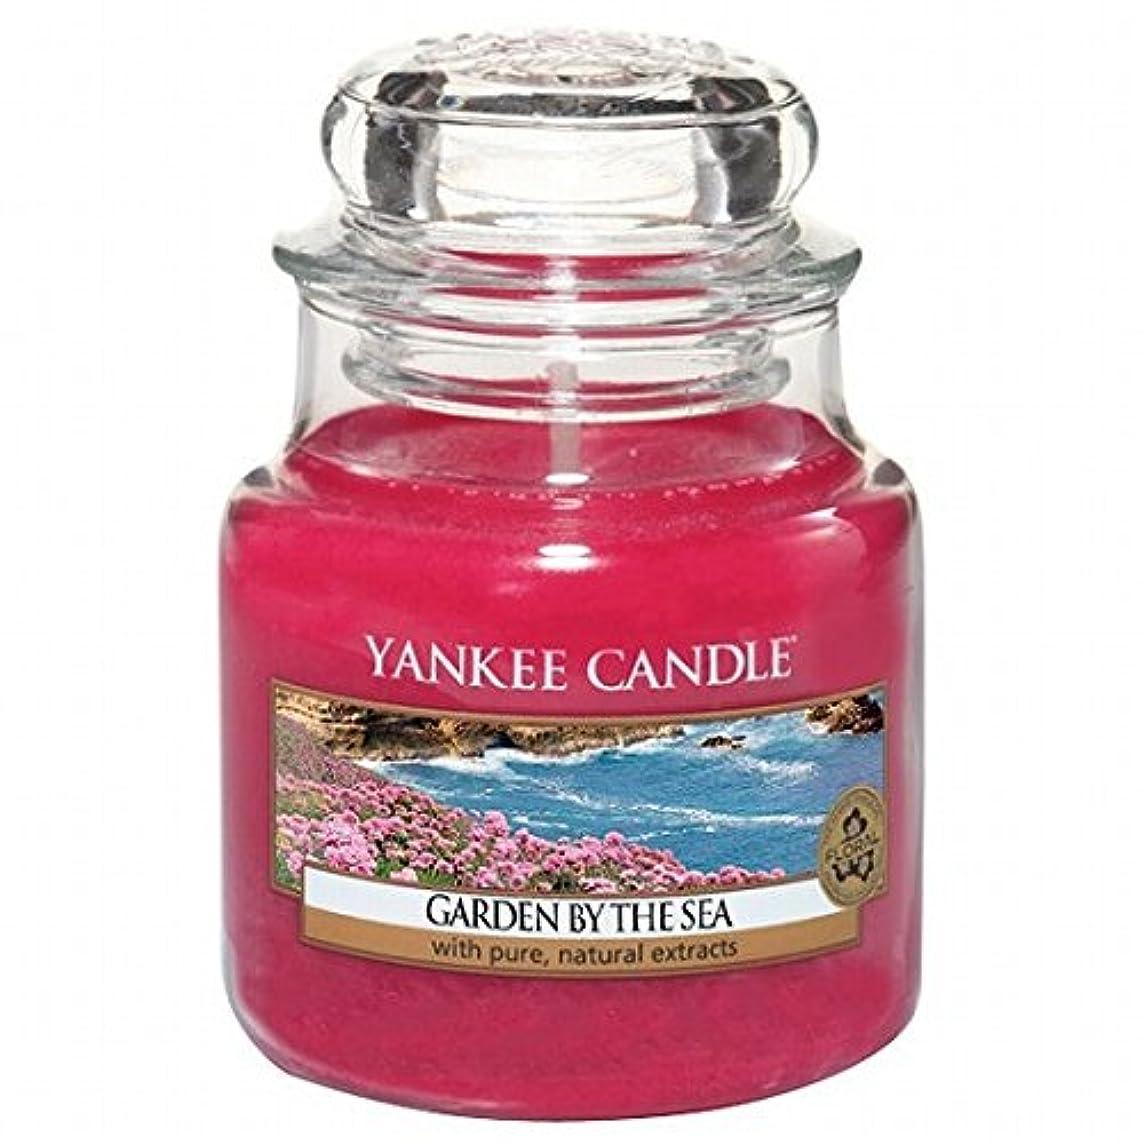 到着する資産致死ヤンキーキャンドル( YANKEE CANDLE ) YANKEE CANDLE ジャーS 「ガーデンバイザシー」